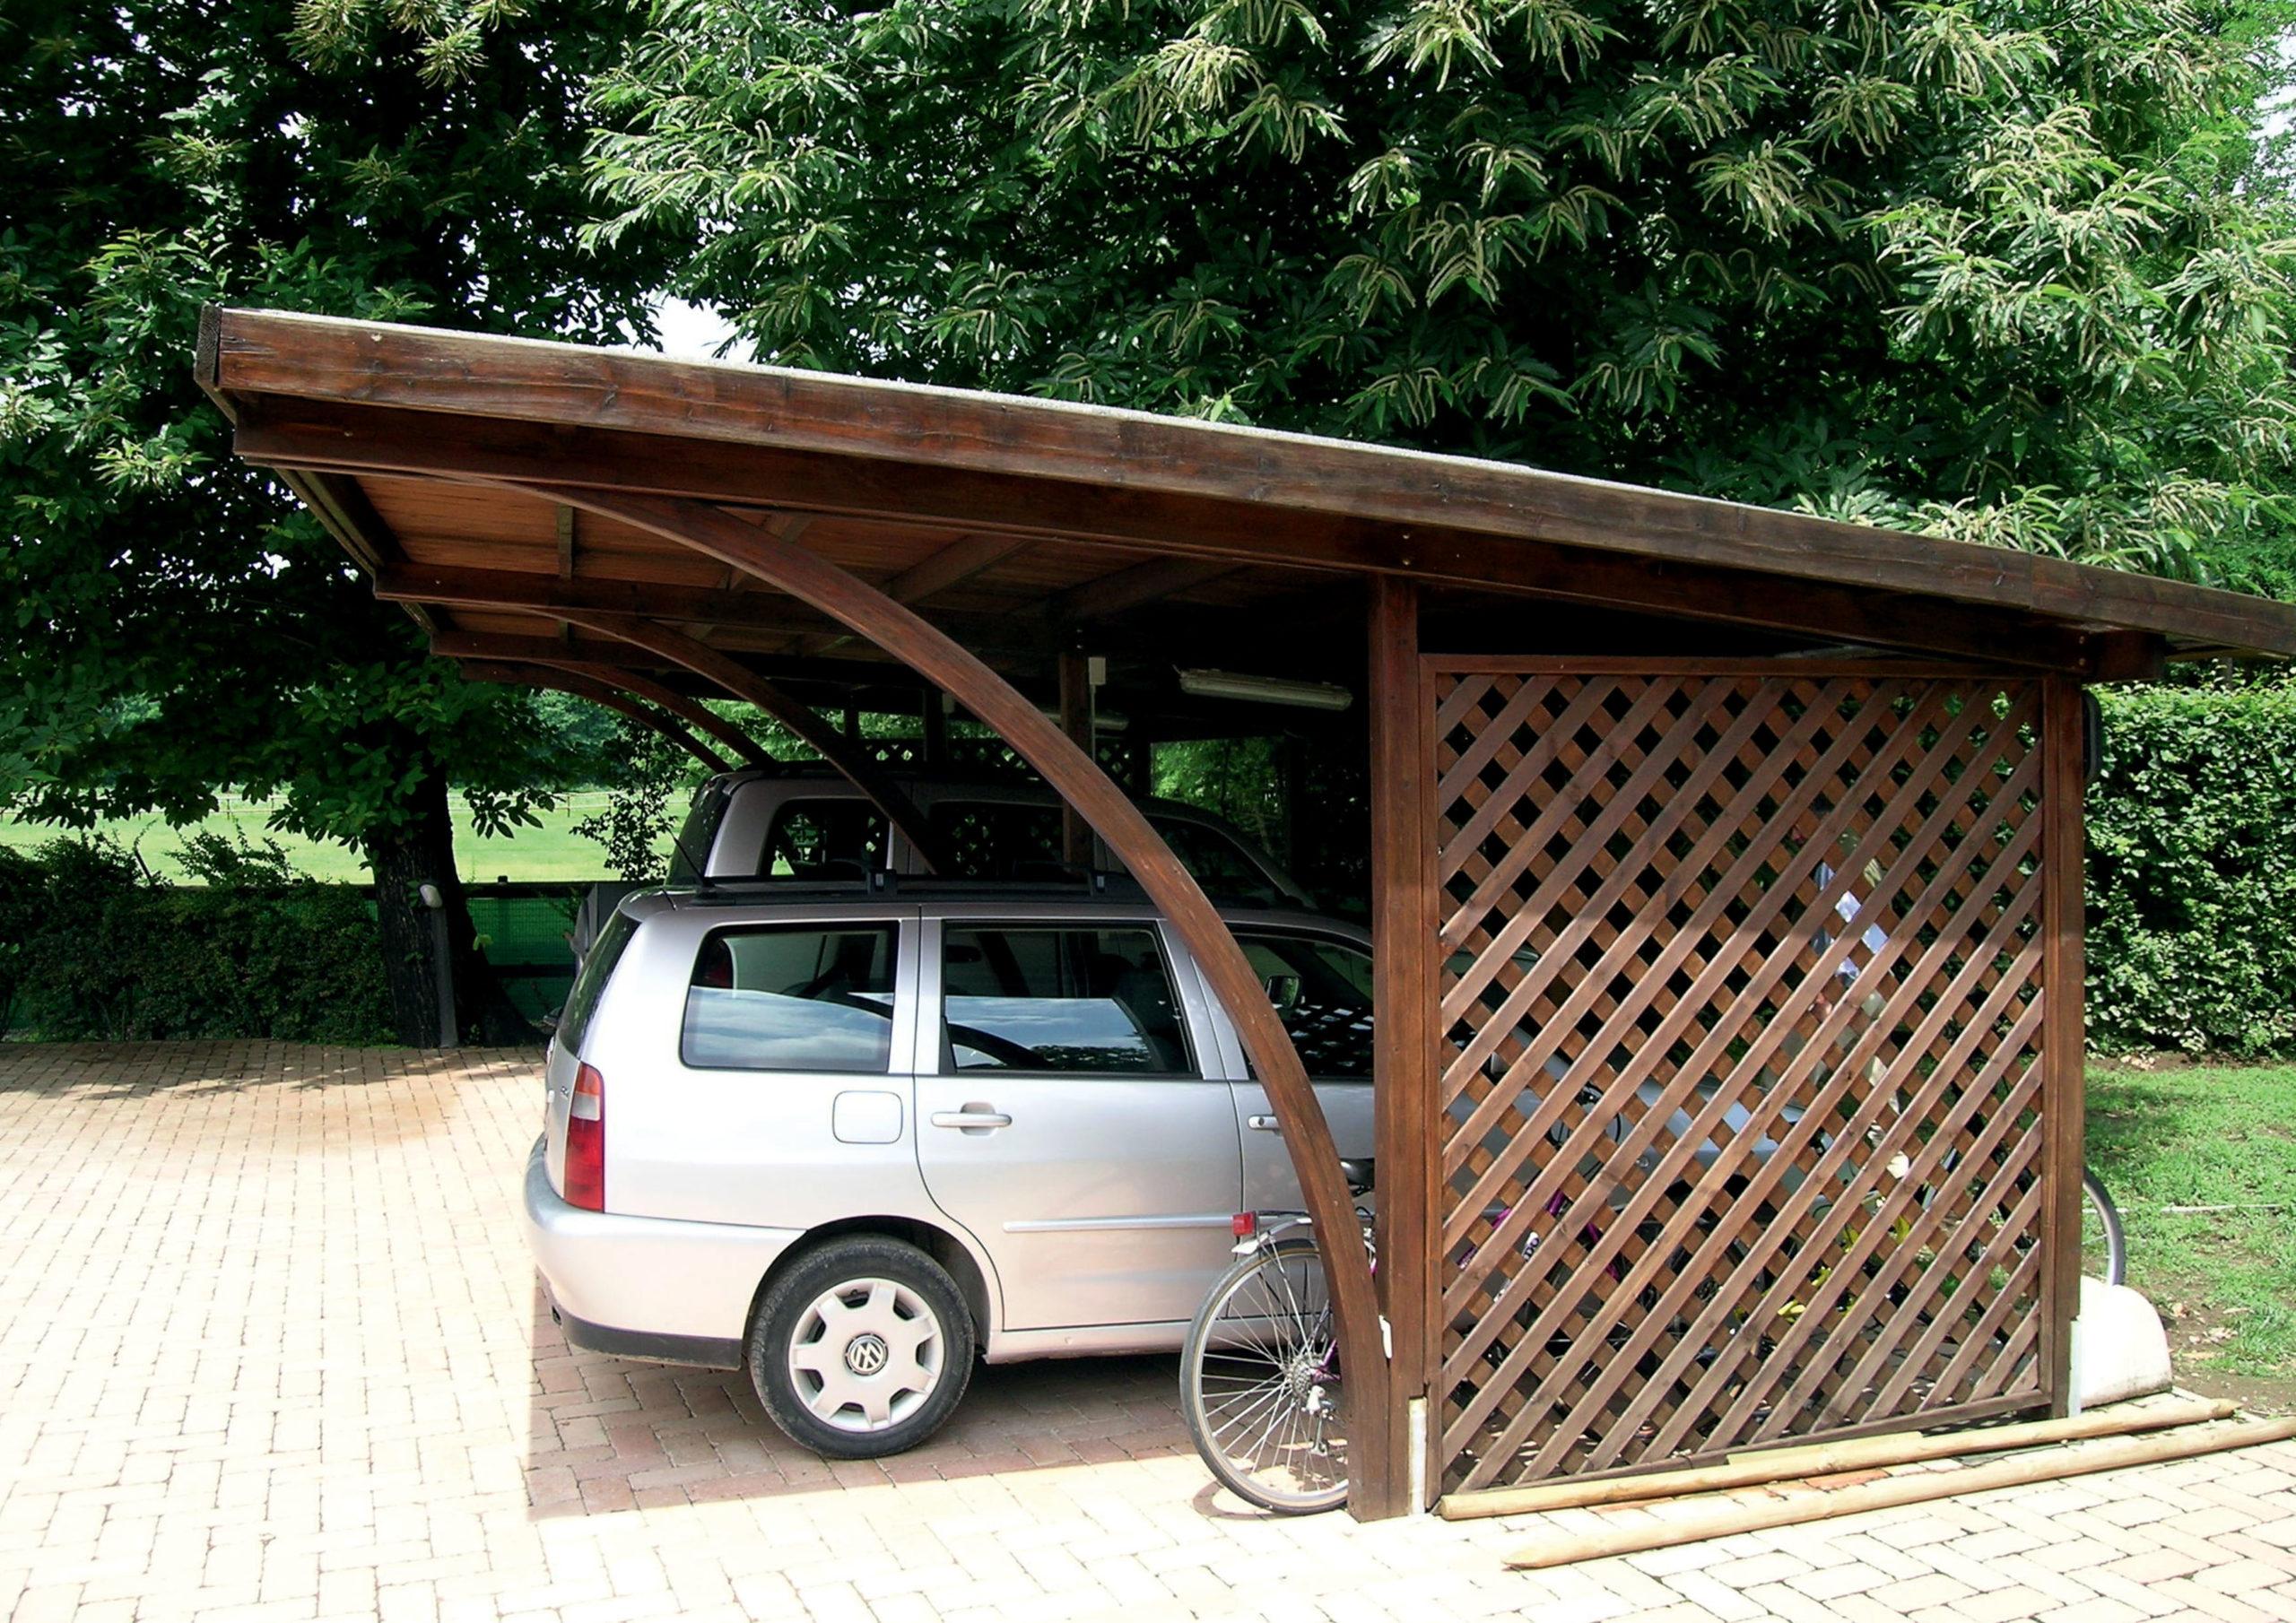 Carport in legno di pino nordico impregnato o larice o lamellare realizzato da Linea Montanalegno - ILT